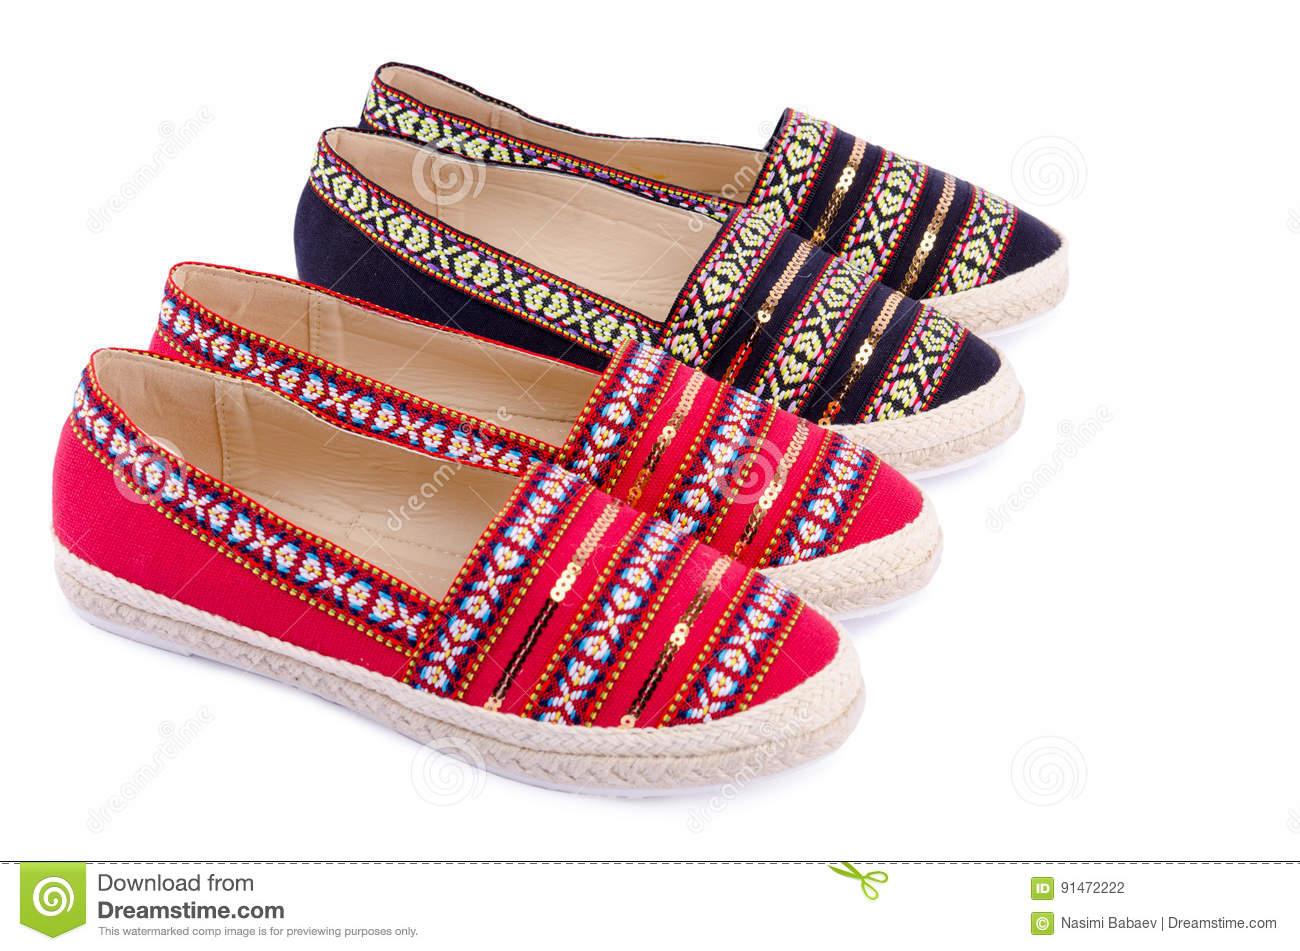 Traditionella skor för kvinnor